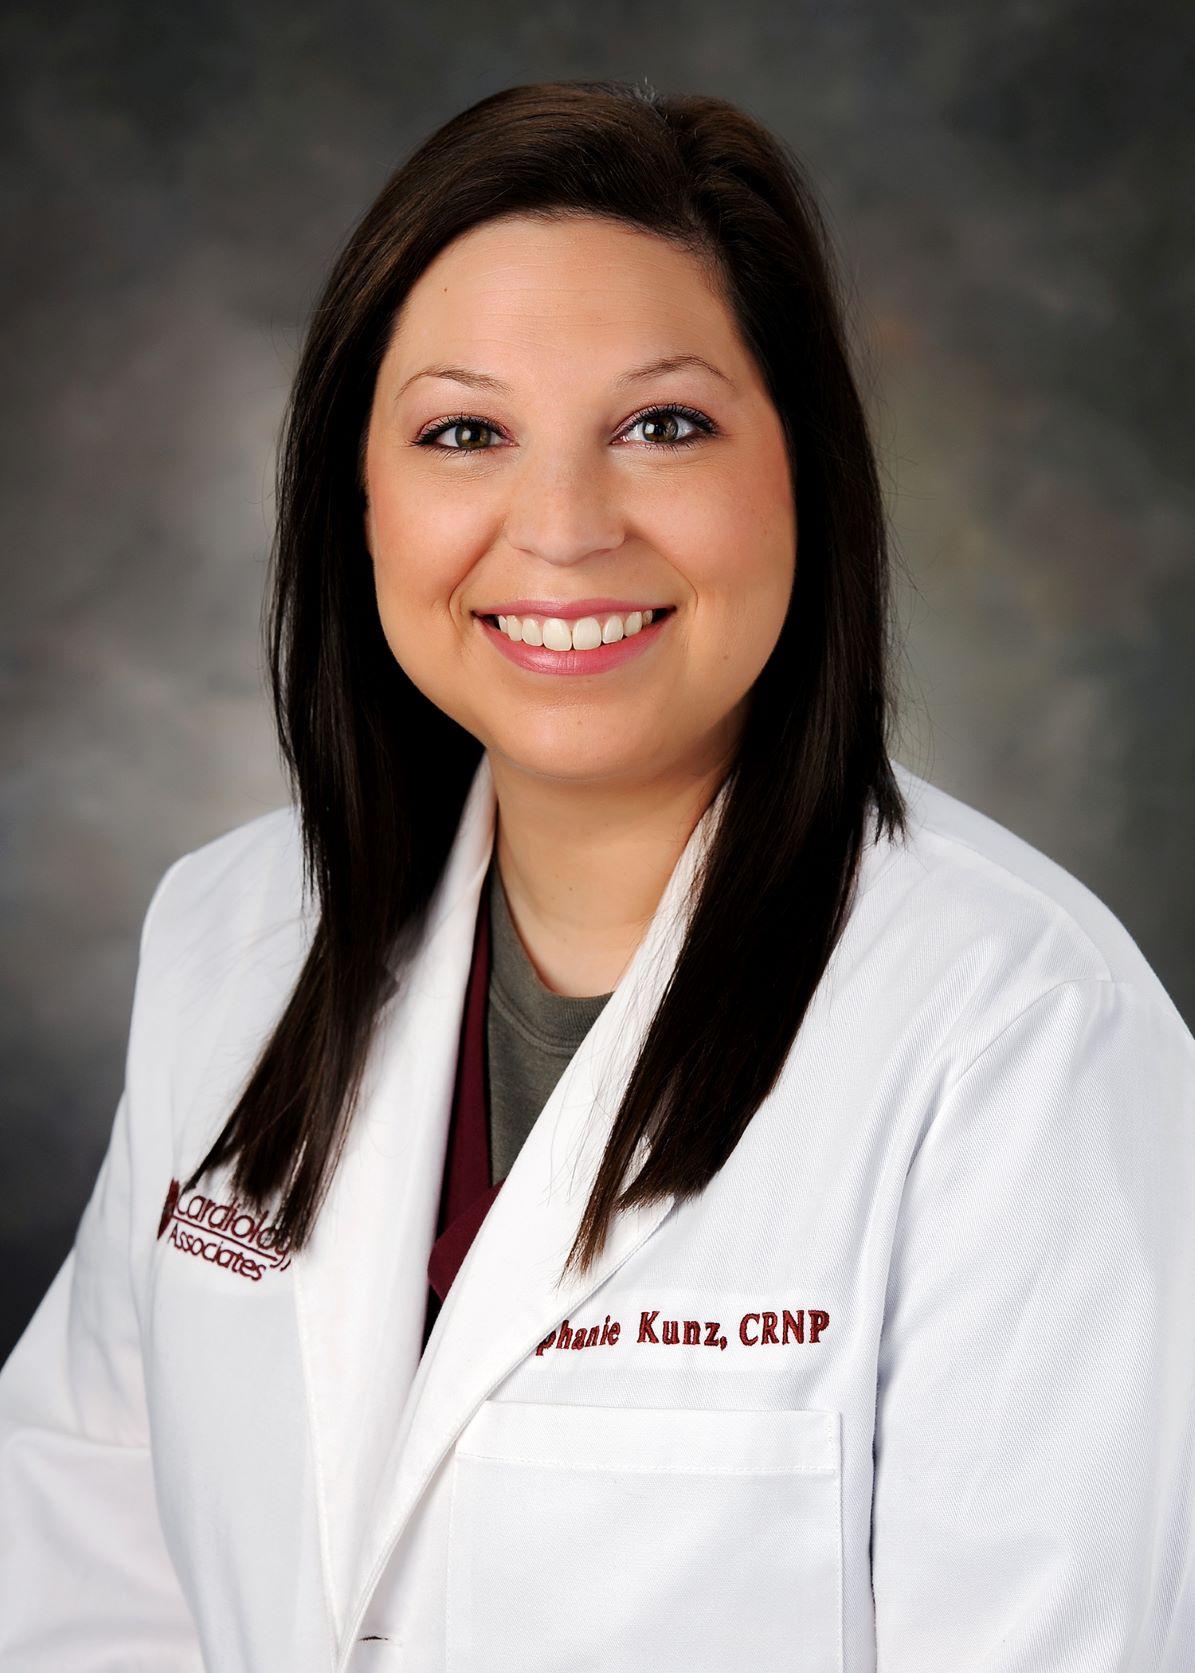 Stephanie Kunz, CRNP